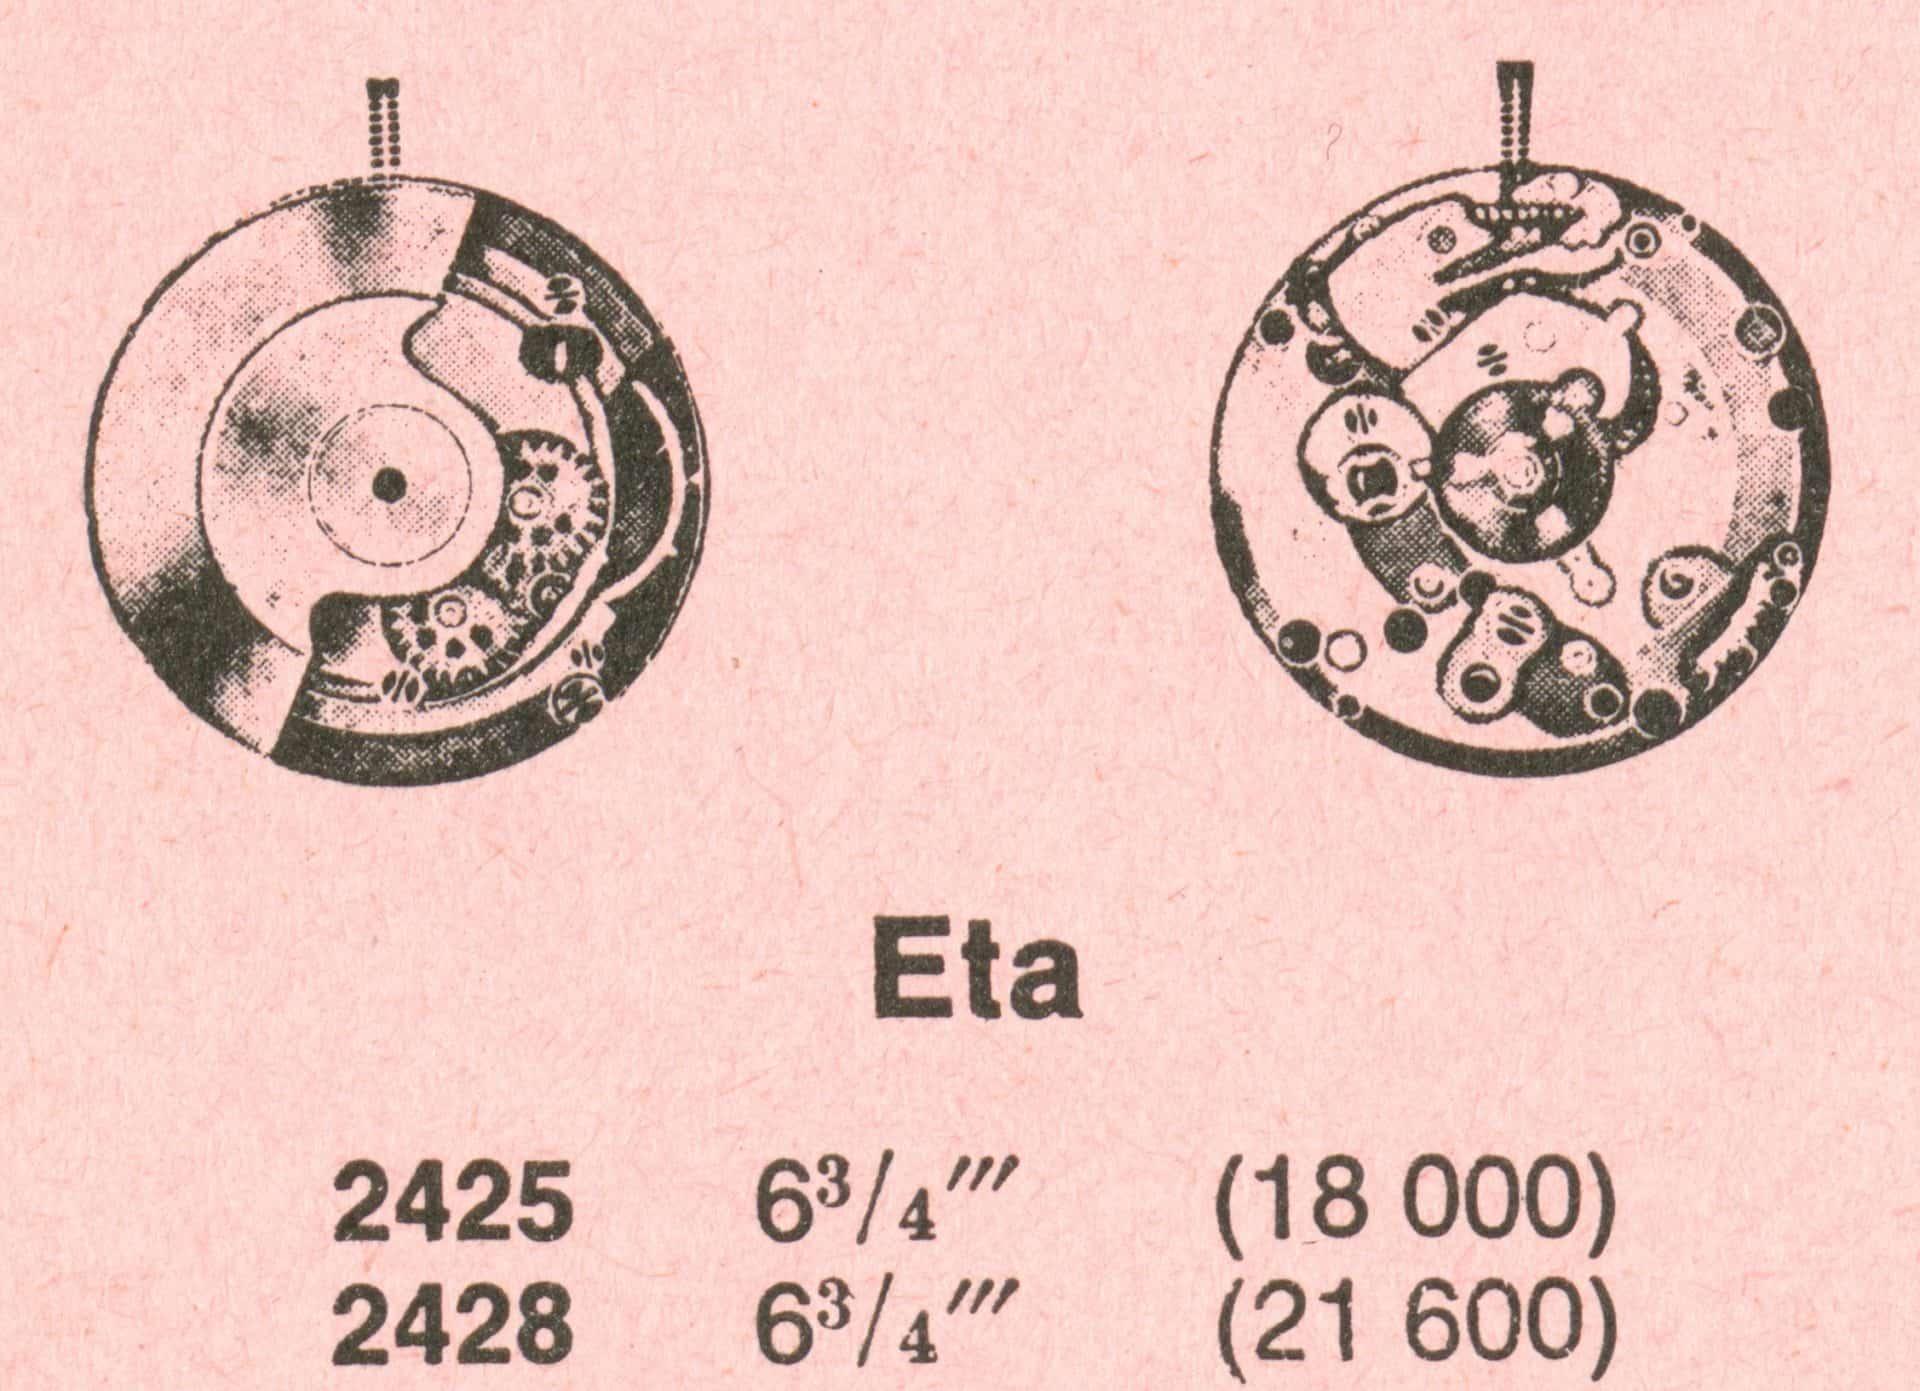 Eta 2425 2428 1962 1969